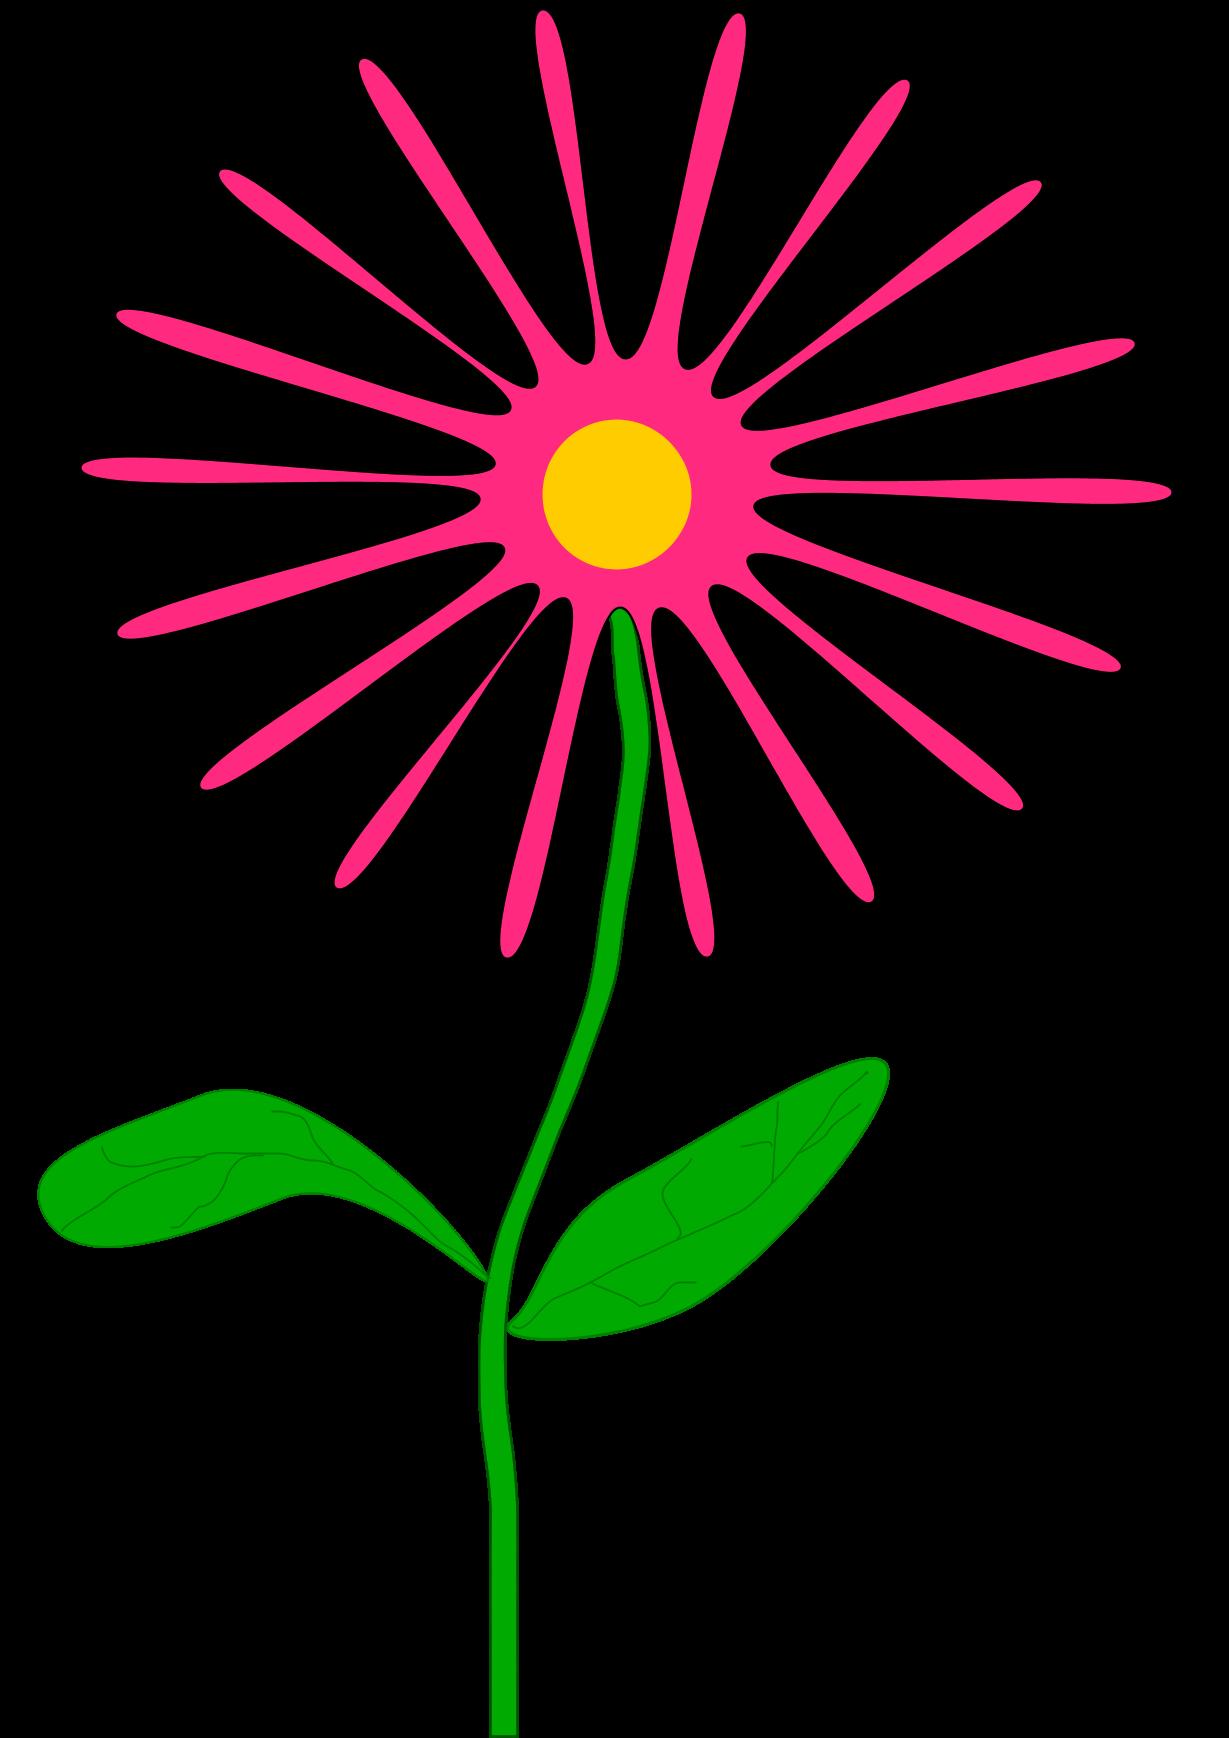 April flowers clipart 3.